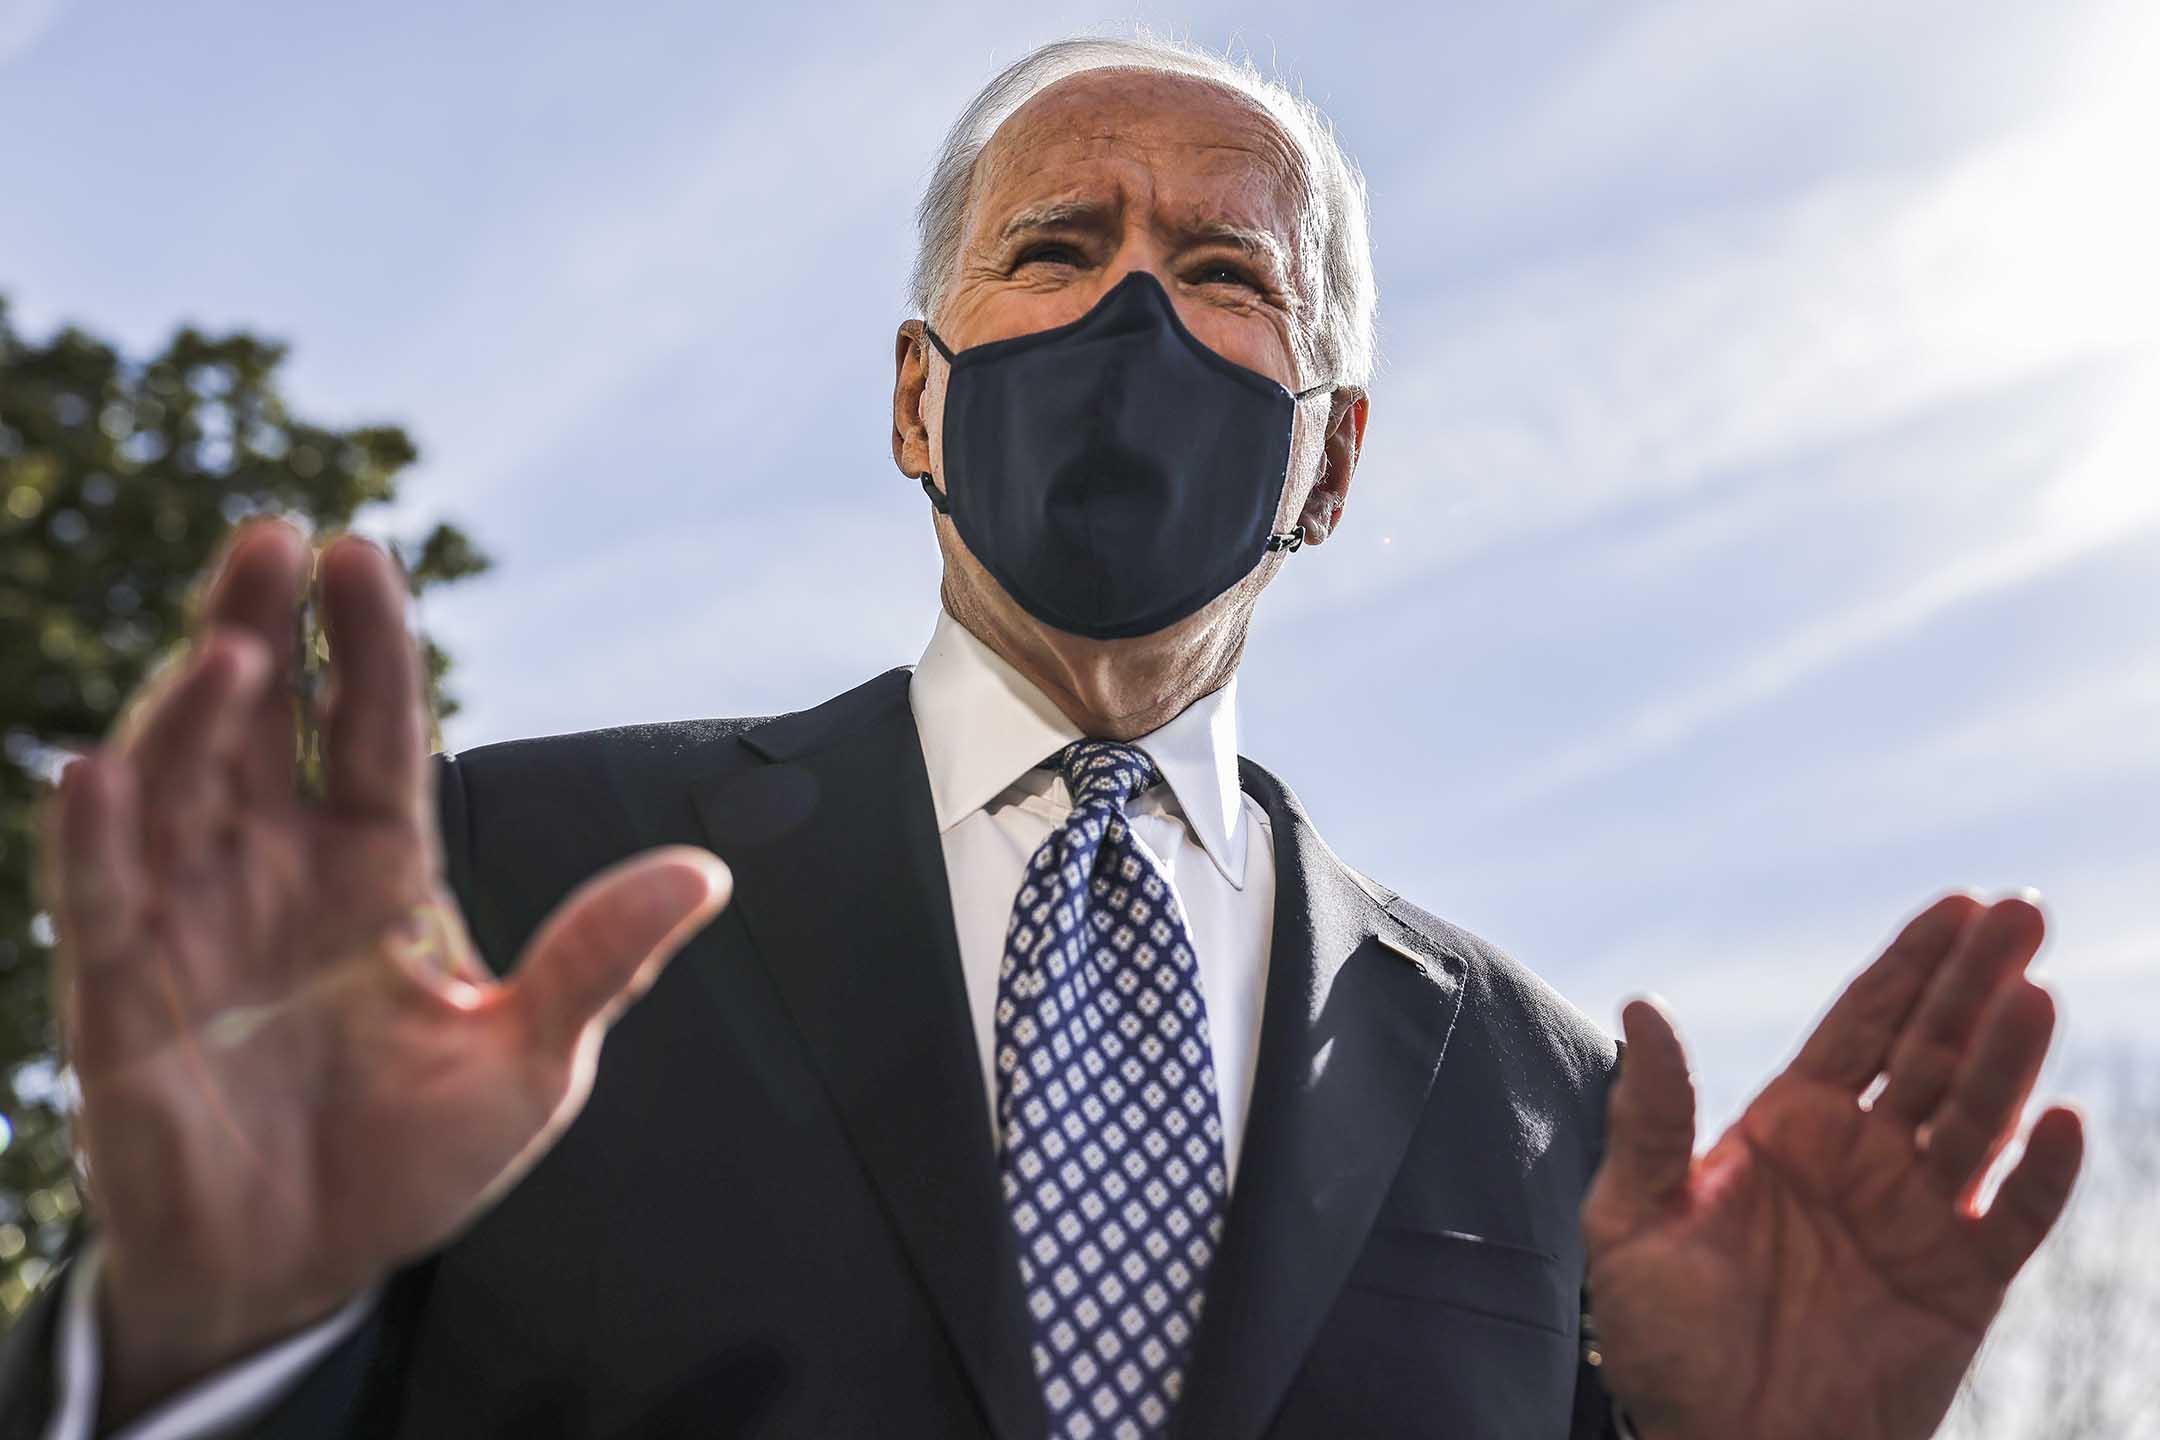 2021年3月19日華盛頓,美國總統喬·拜登戴上口罩講話。